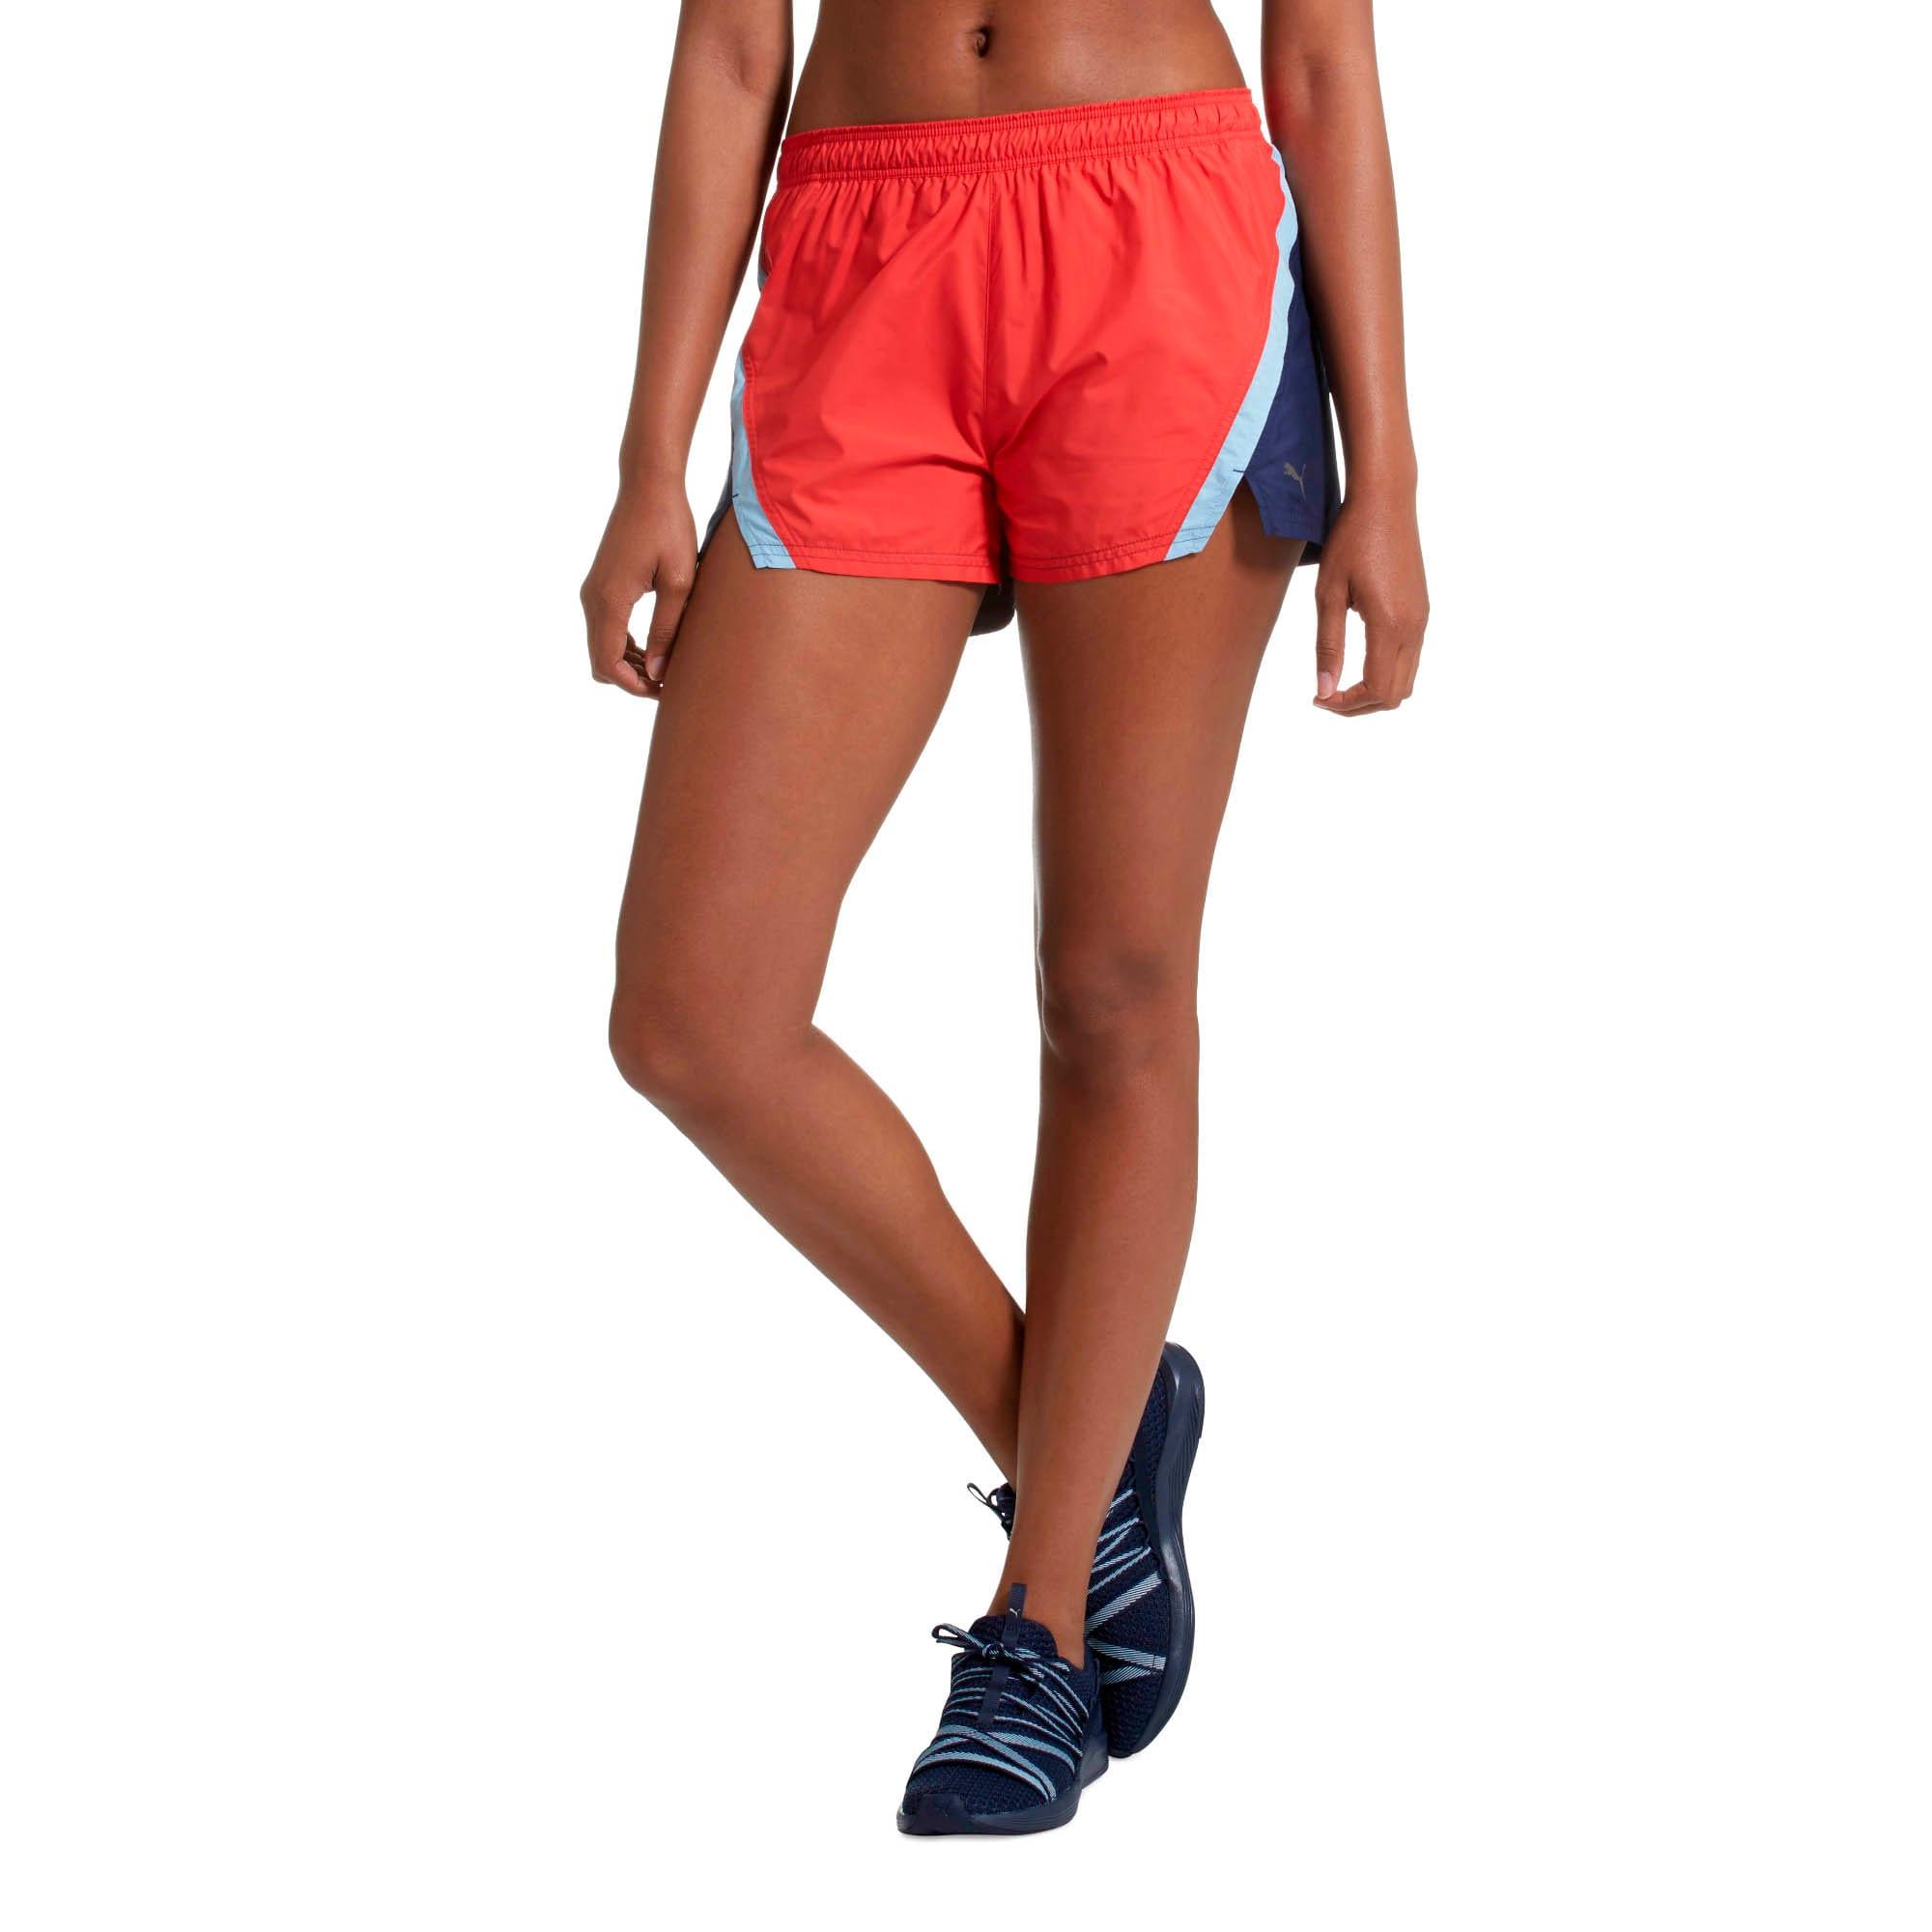 Thumbnail 2 of Blast 3'' Women's Training Shorts, Ribbon Red, medium